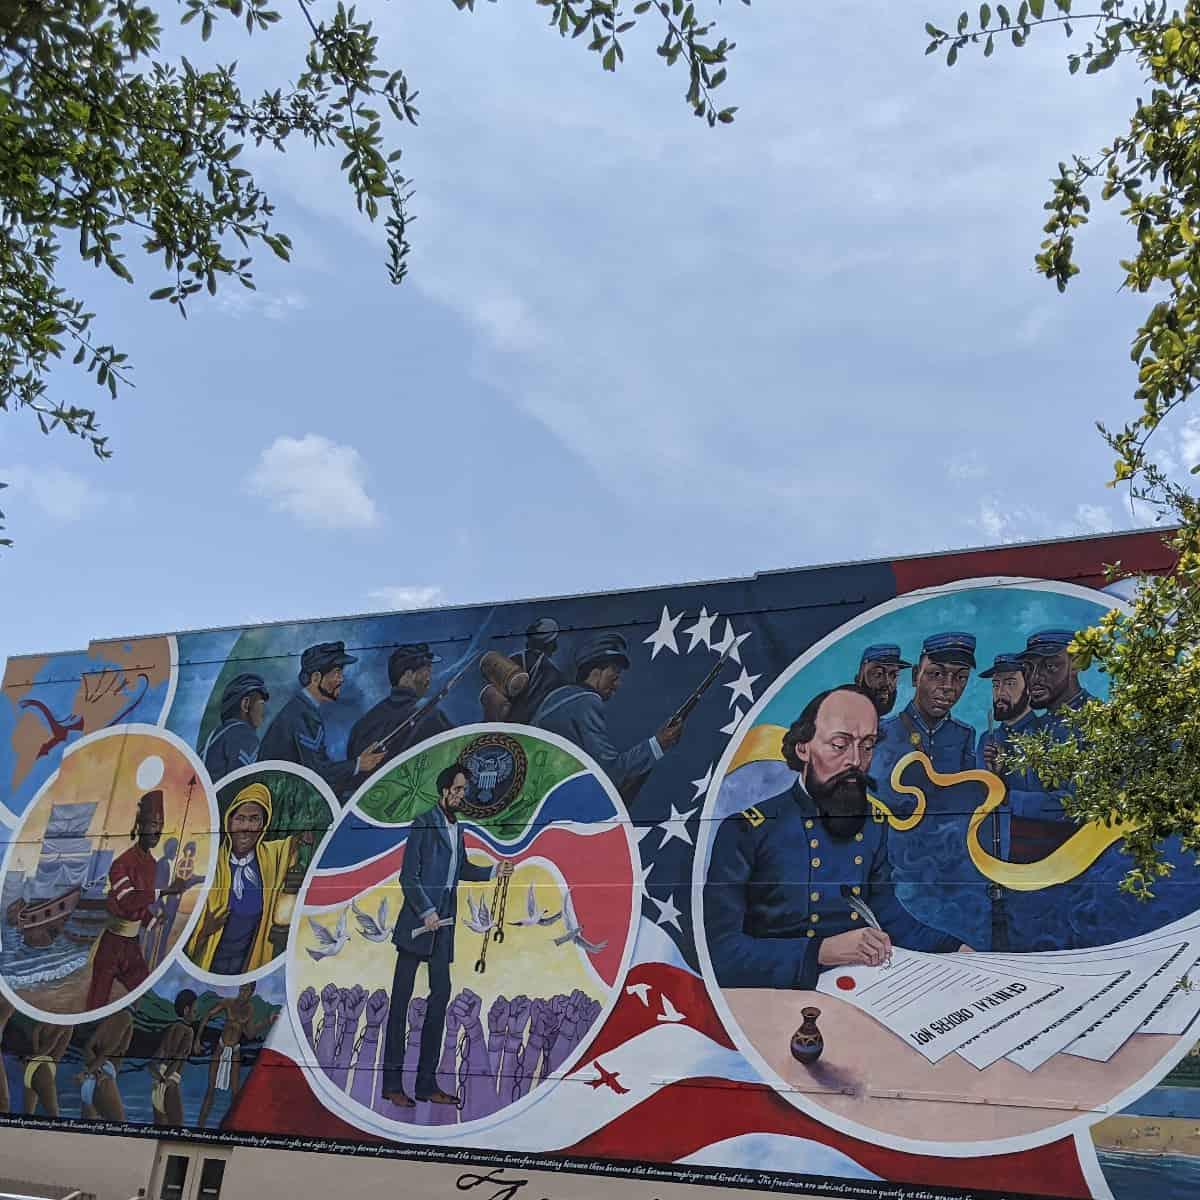 Galveston Juneteenth Mural